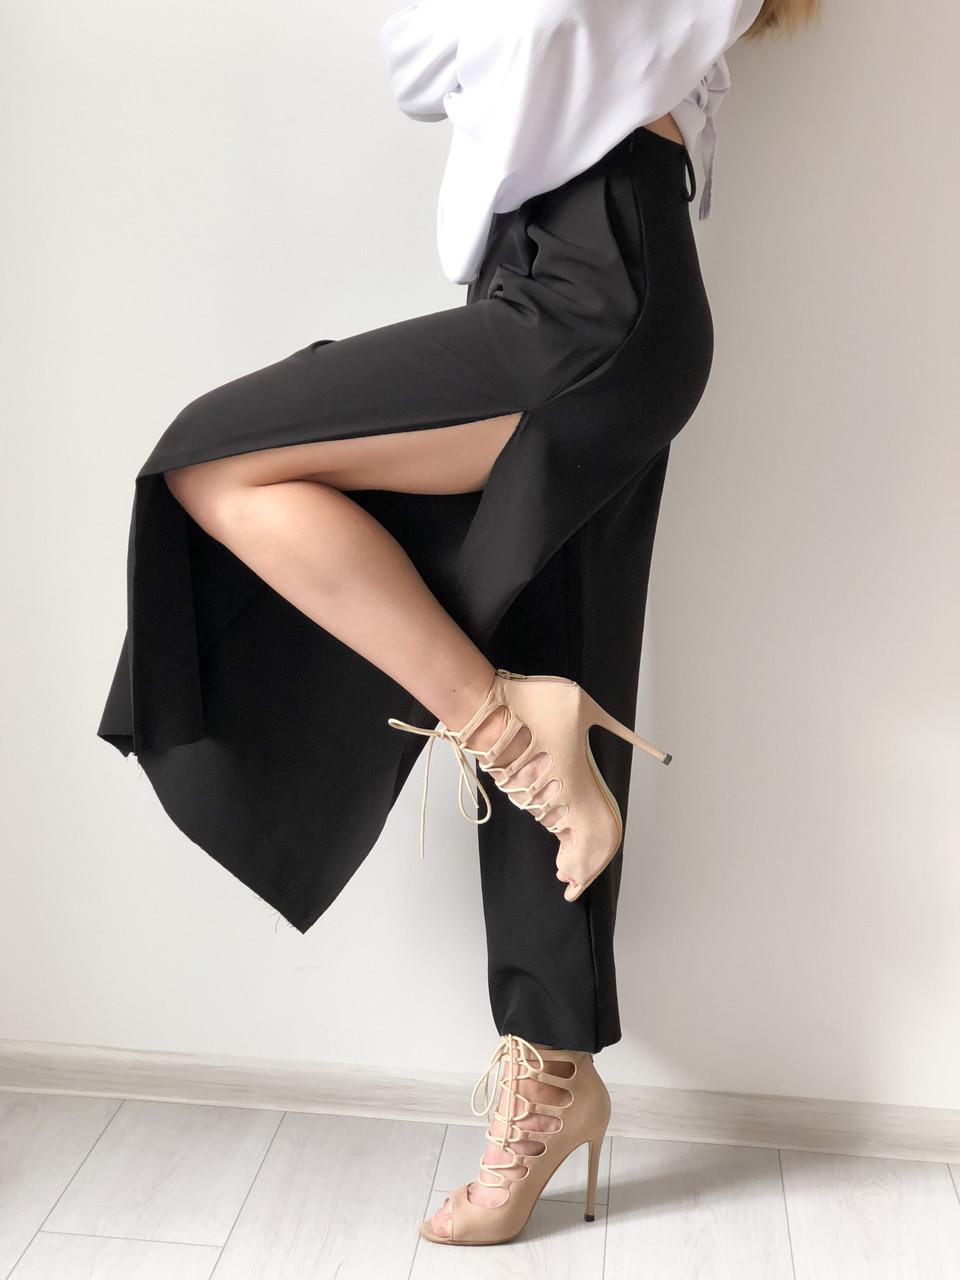 40bb1caa8899c7 Кюлоты, кюлоты с разрезом , модные женские кюлоты, стильные брюки кюлоты, дизайнерские  брюки